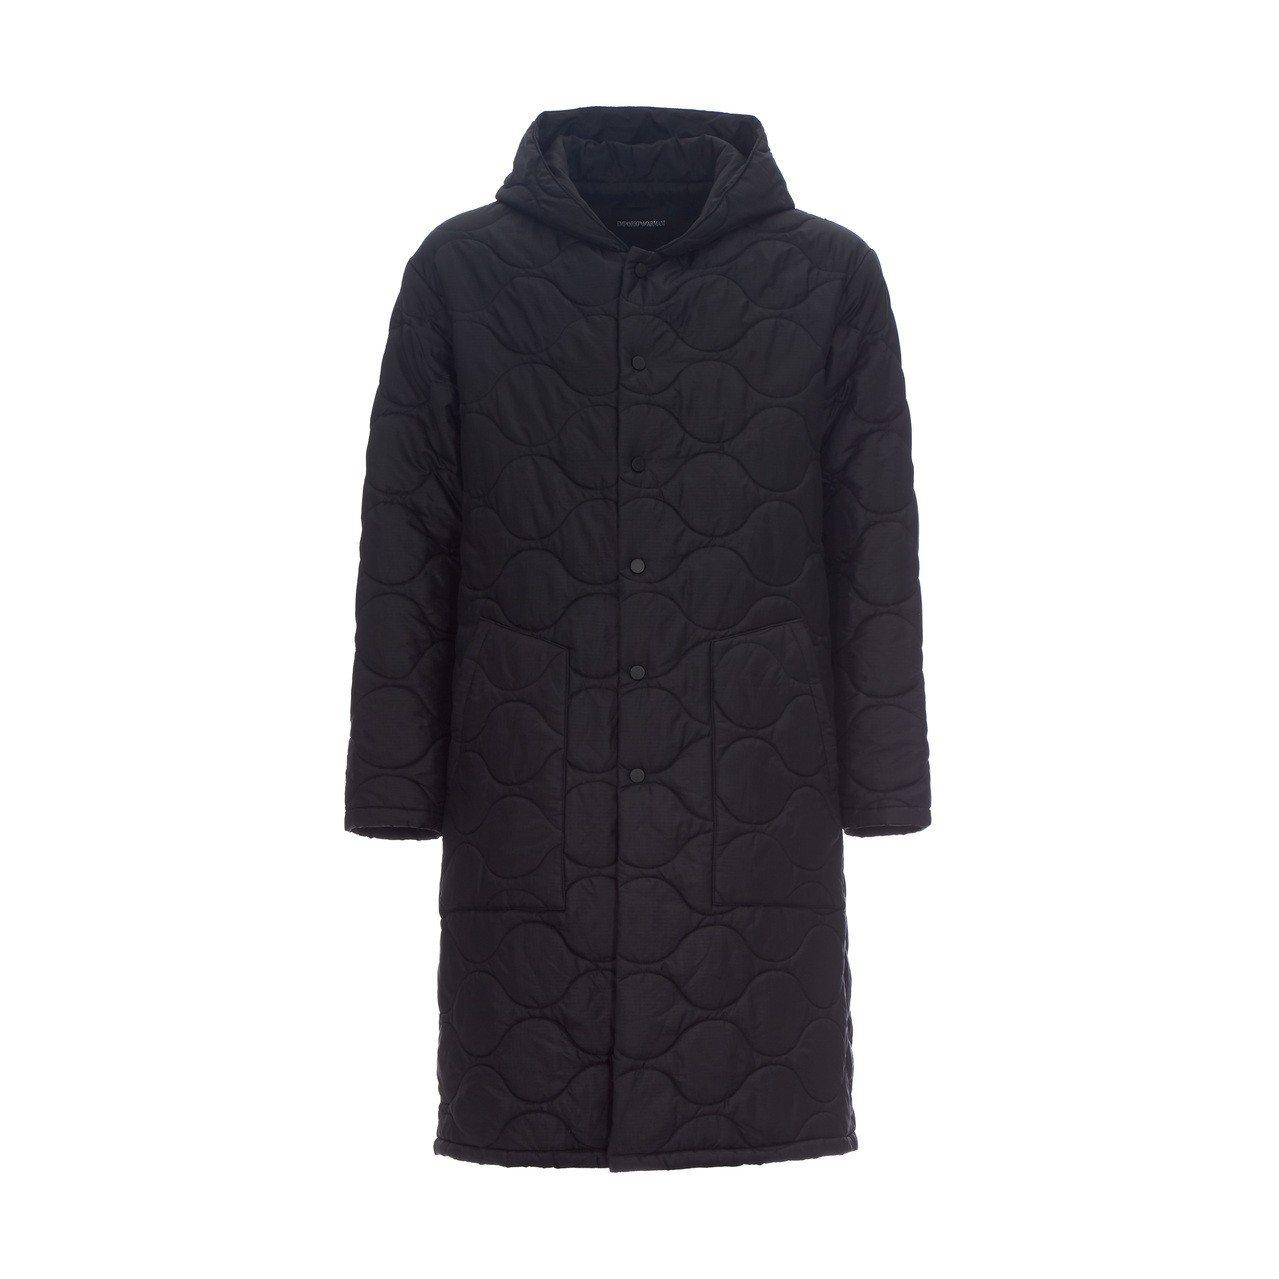 獨家數字系列16號大衣內搭羽絨外套12萬800元。圖/嘉裕西服提供